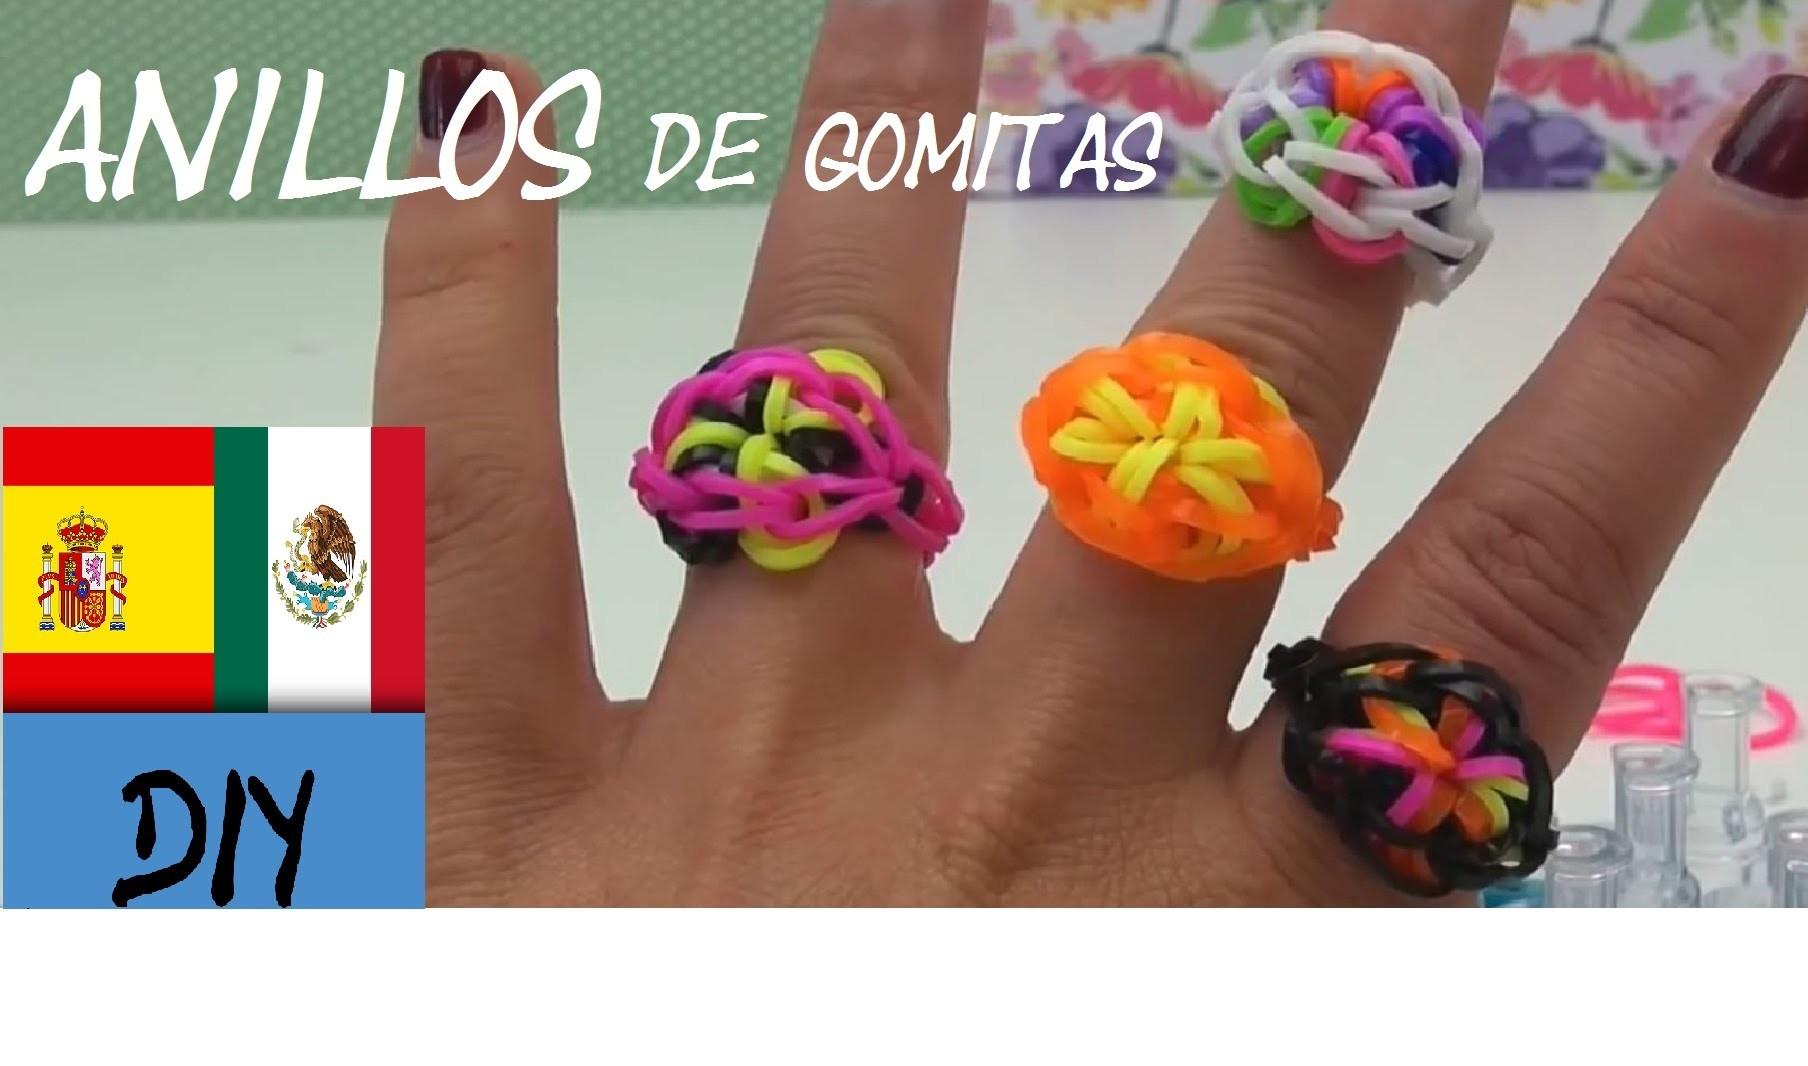 CÓMO HACER ANILLOS CON FLORES DE GOMITAS - RAINBOW LOOM RING - TUTORIAL EN ESPAÑOL - DIY